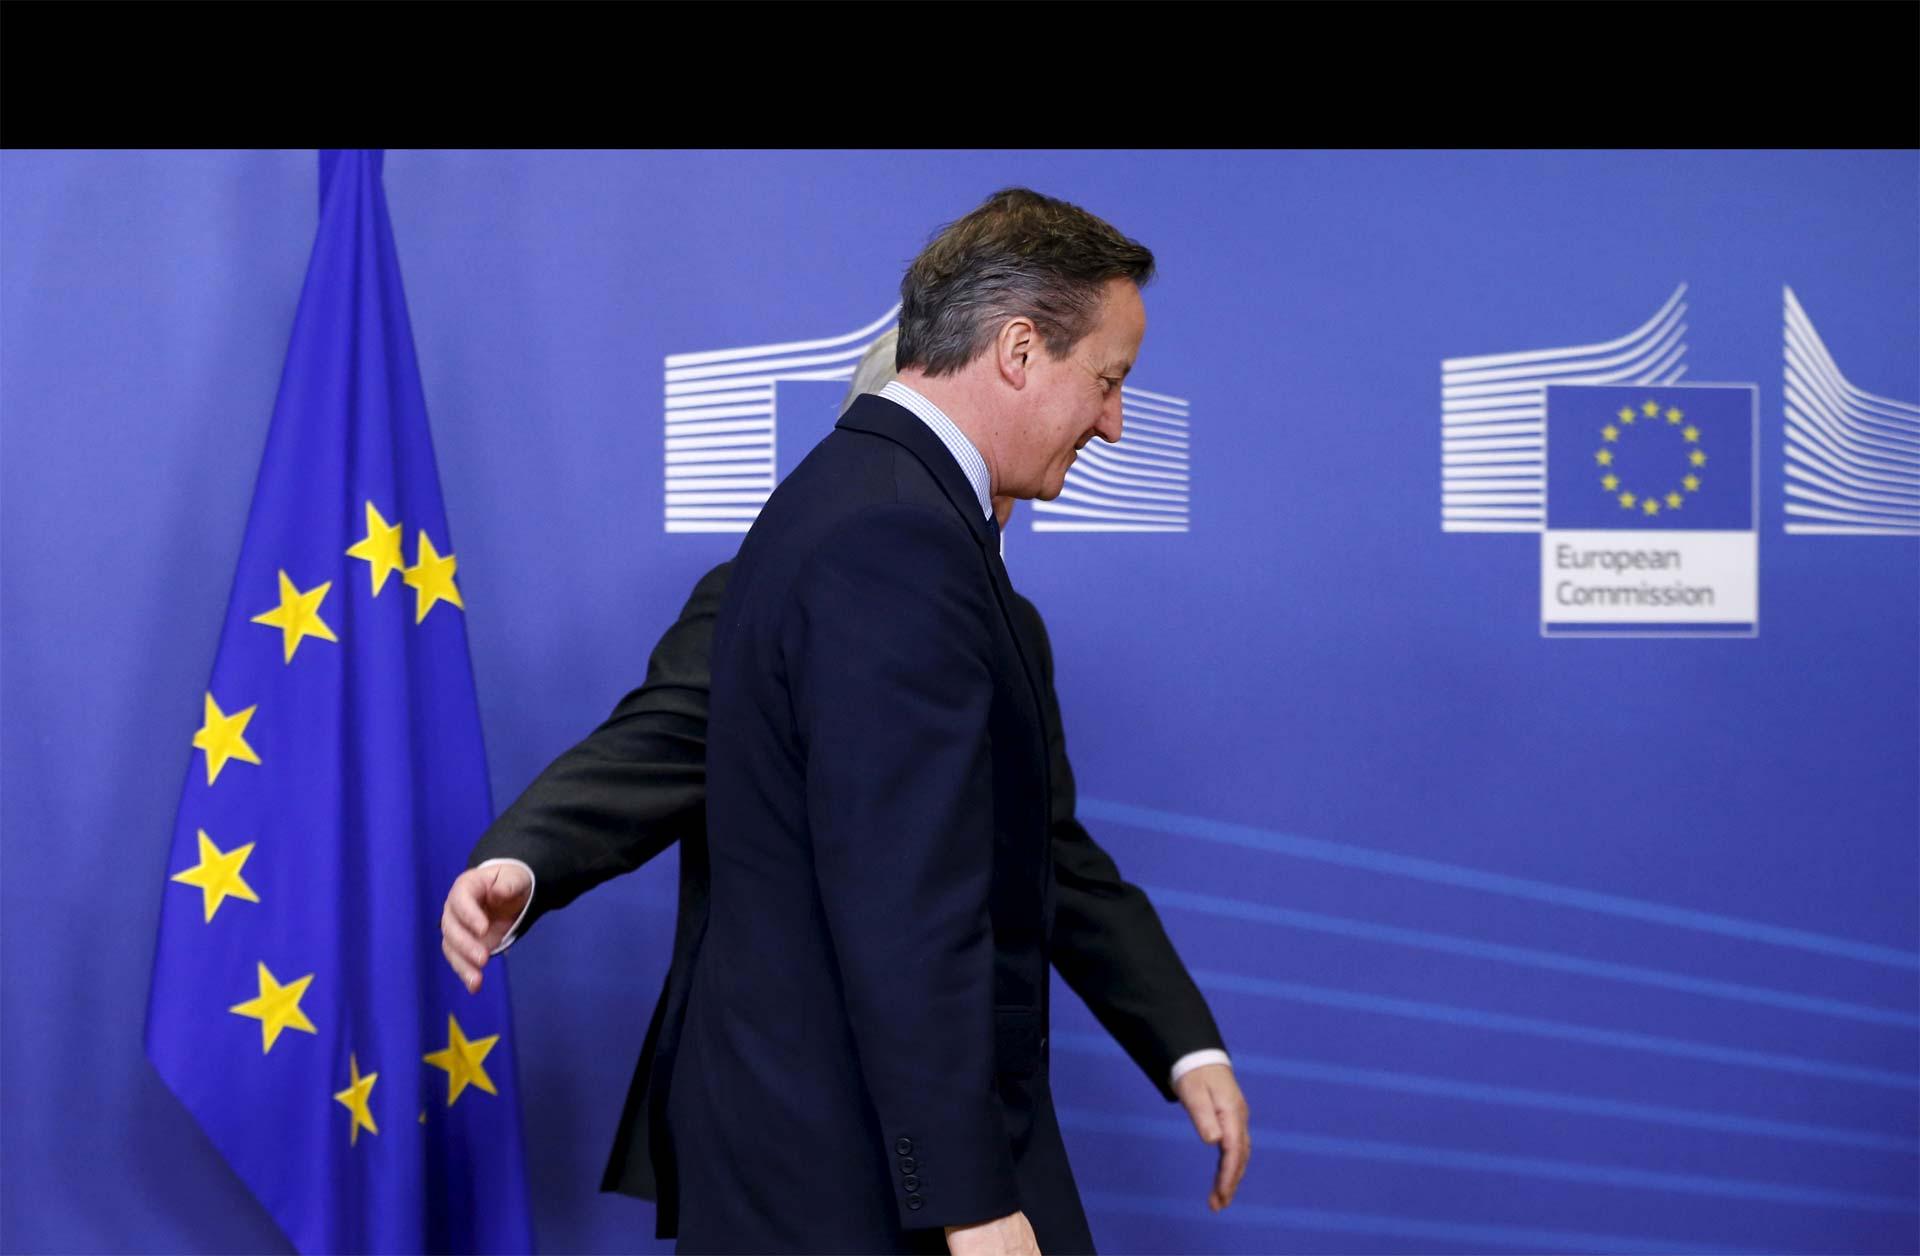 La Unión Europea espera llegar a un acuerdo que impida su salida del bloque